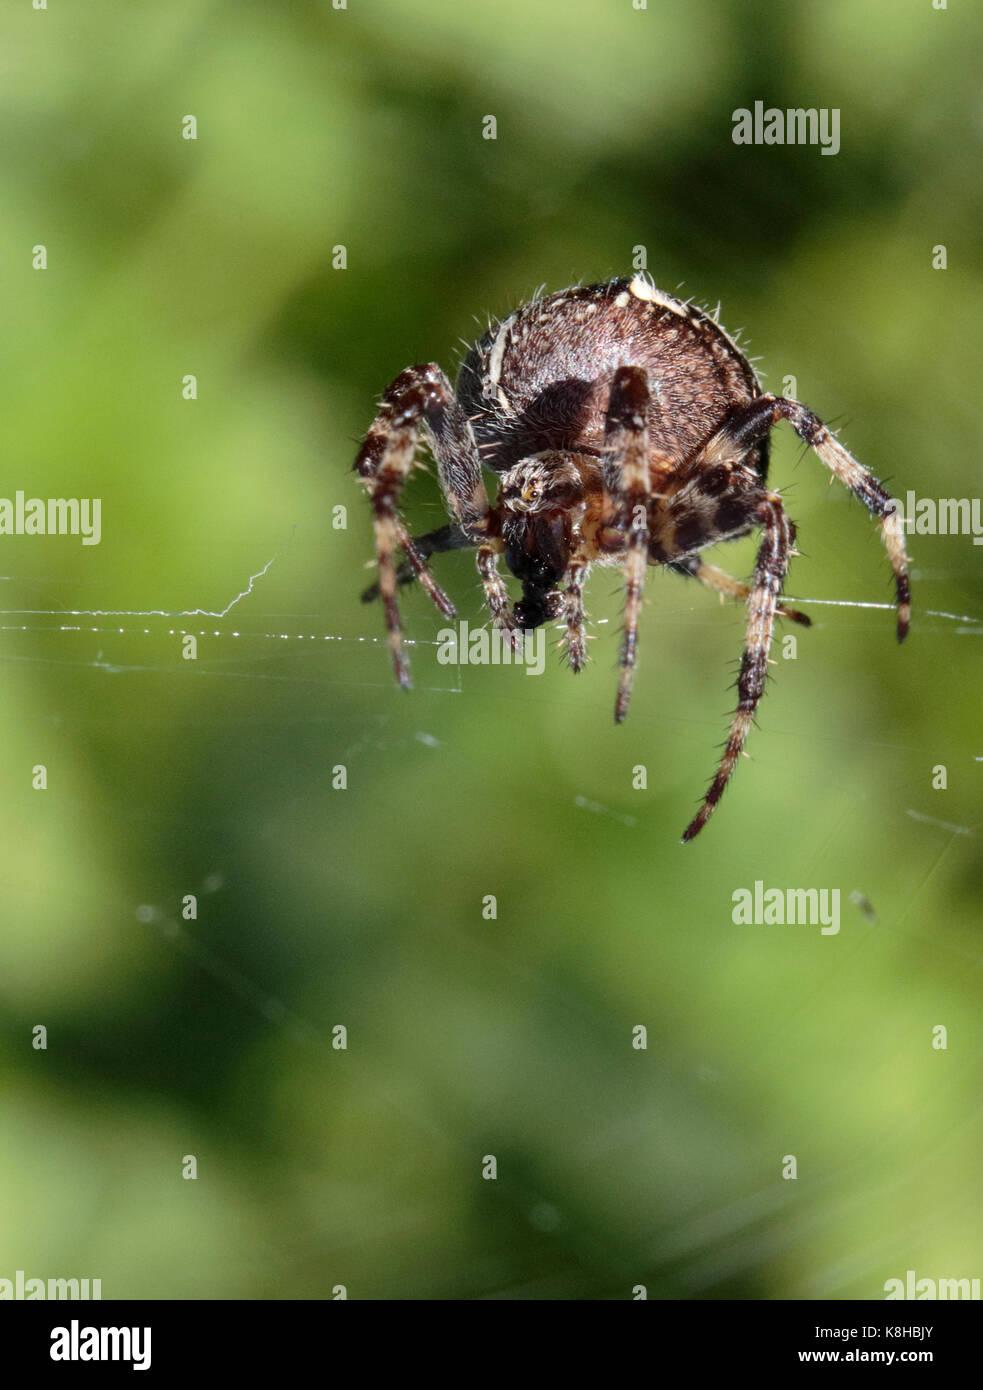 araignée de jardin Banque D'Images